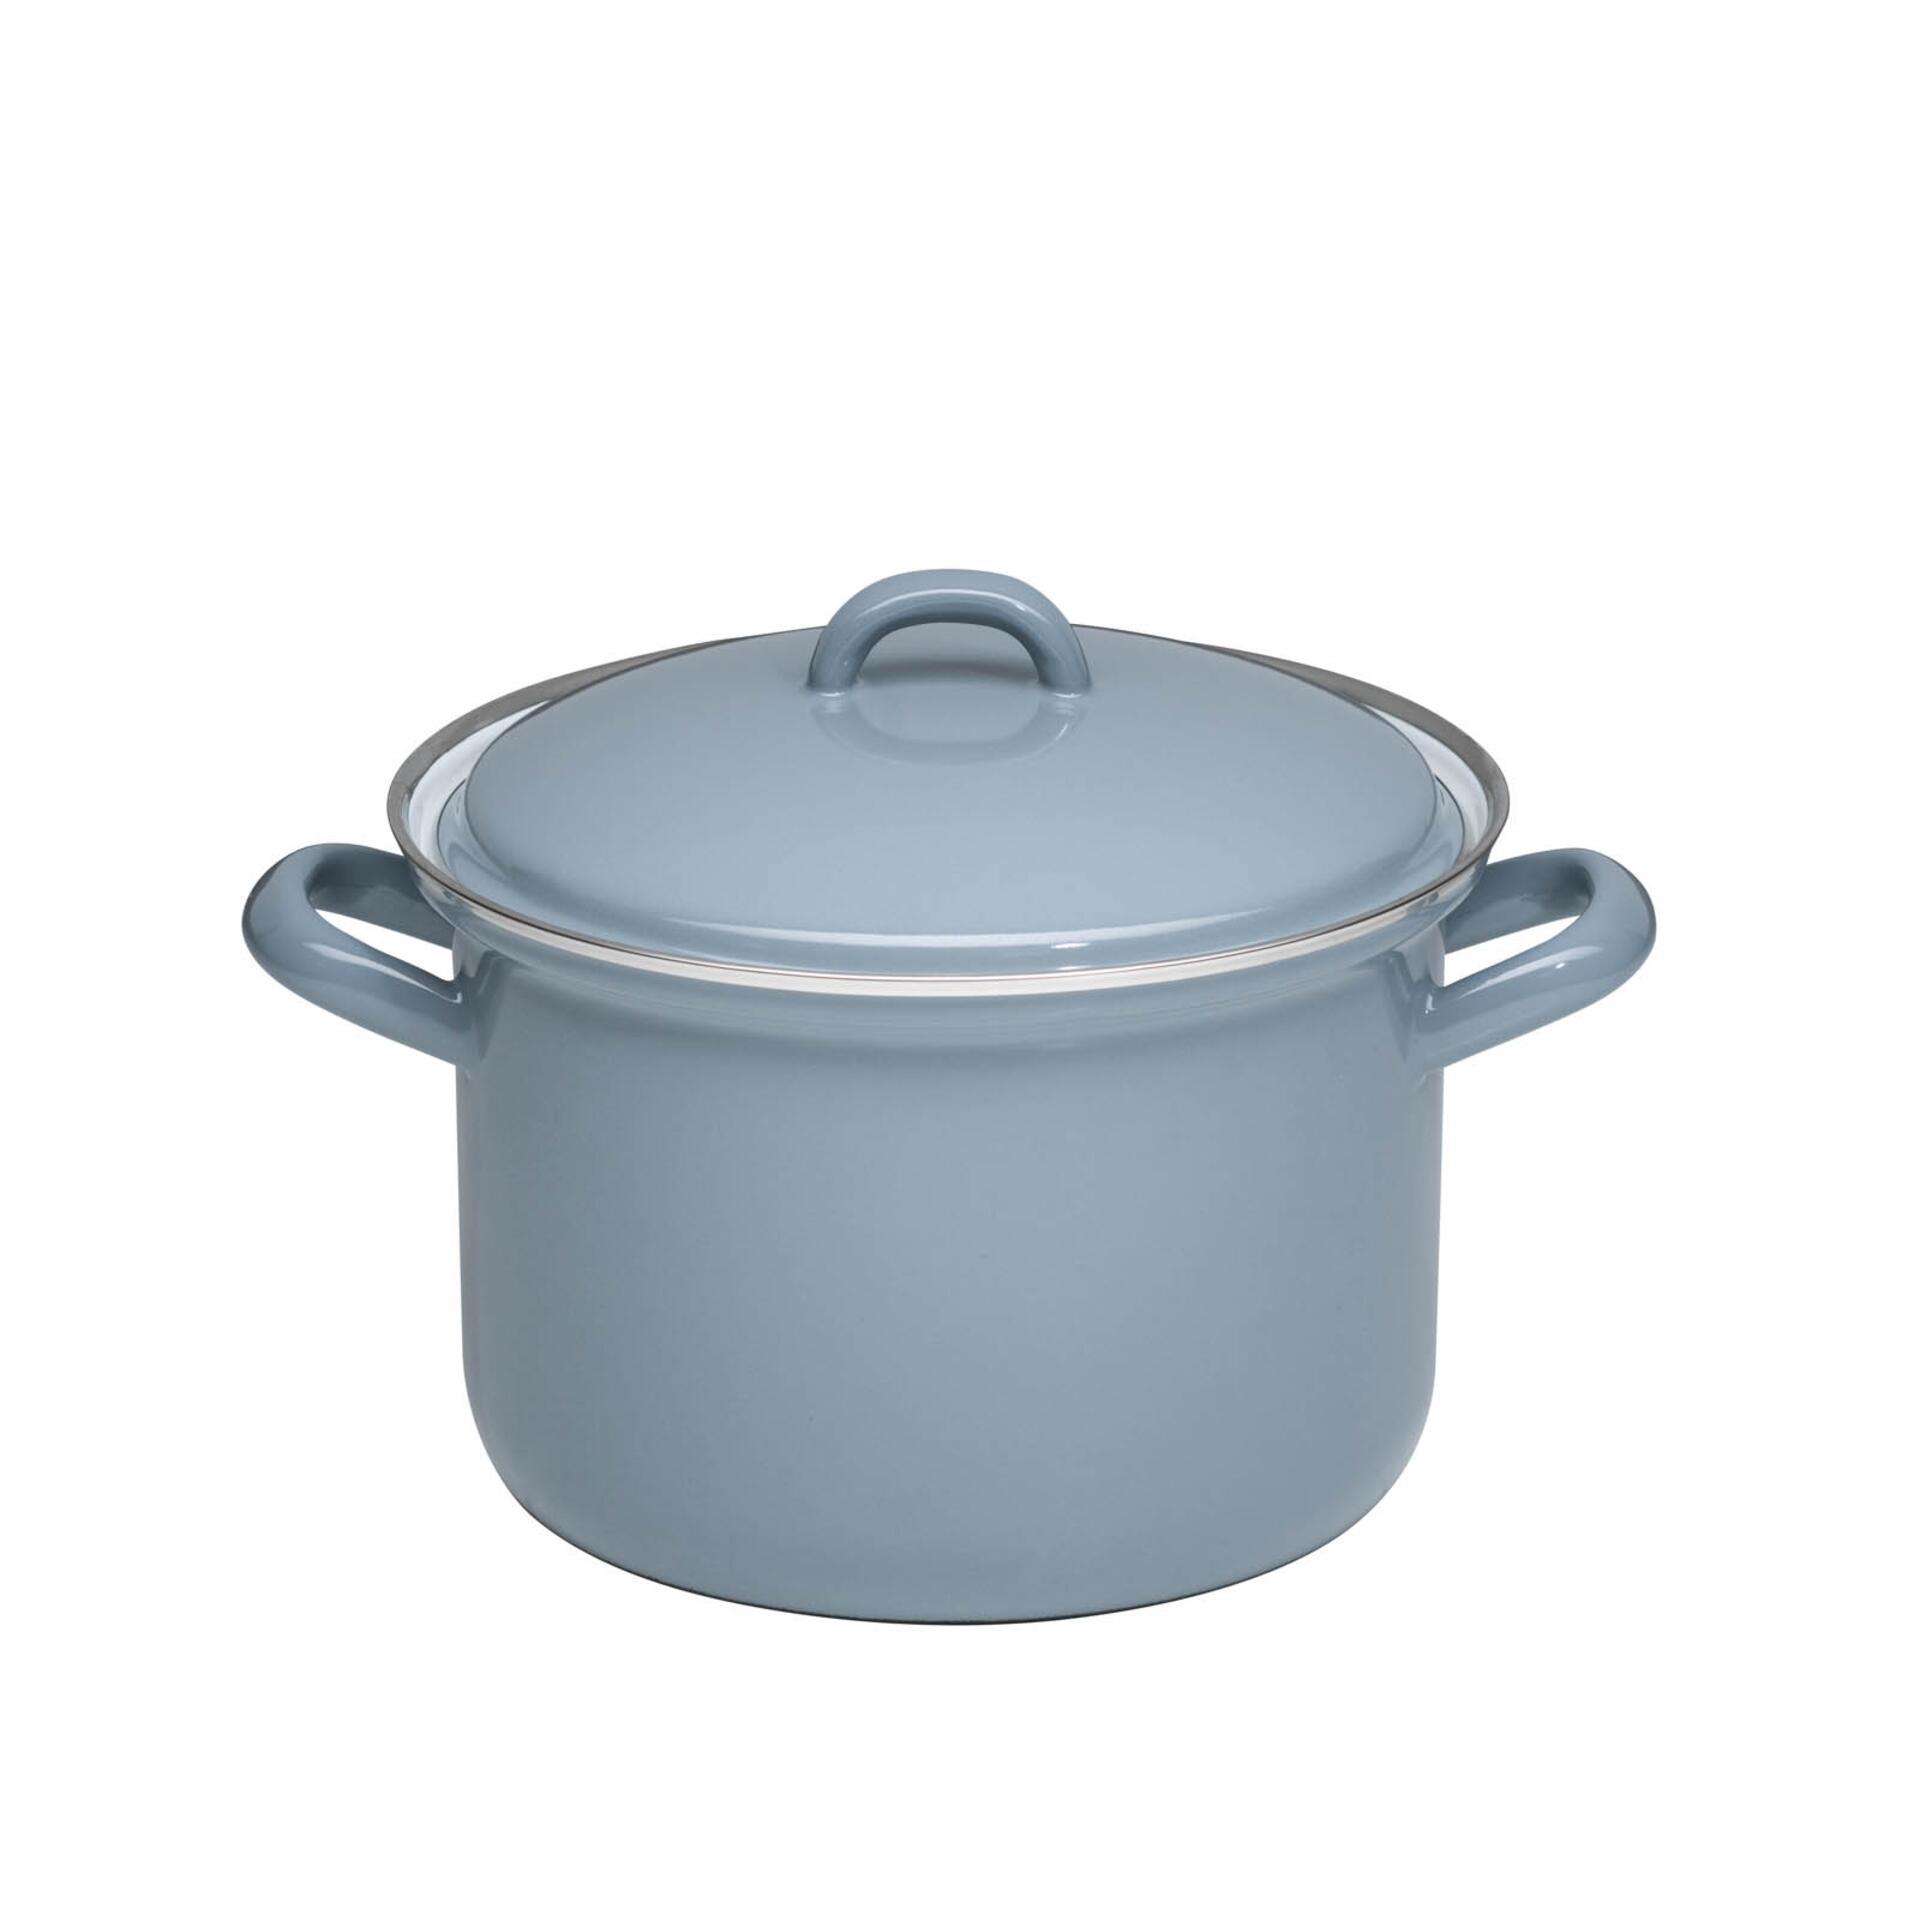 Riess Fleischtopf mit Deckel aus Emaille Pure Grey 3,5 l